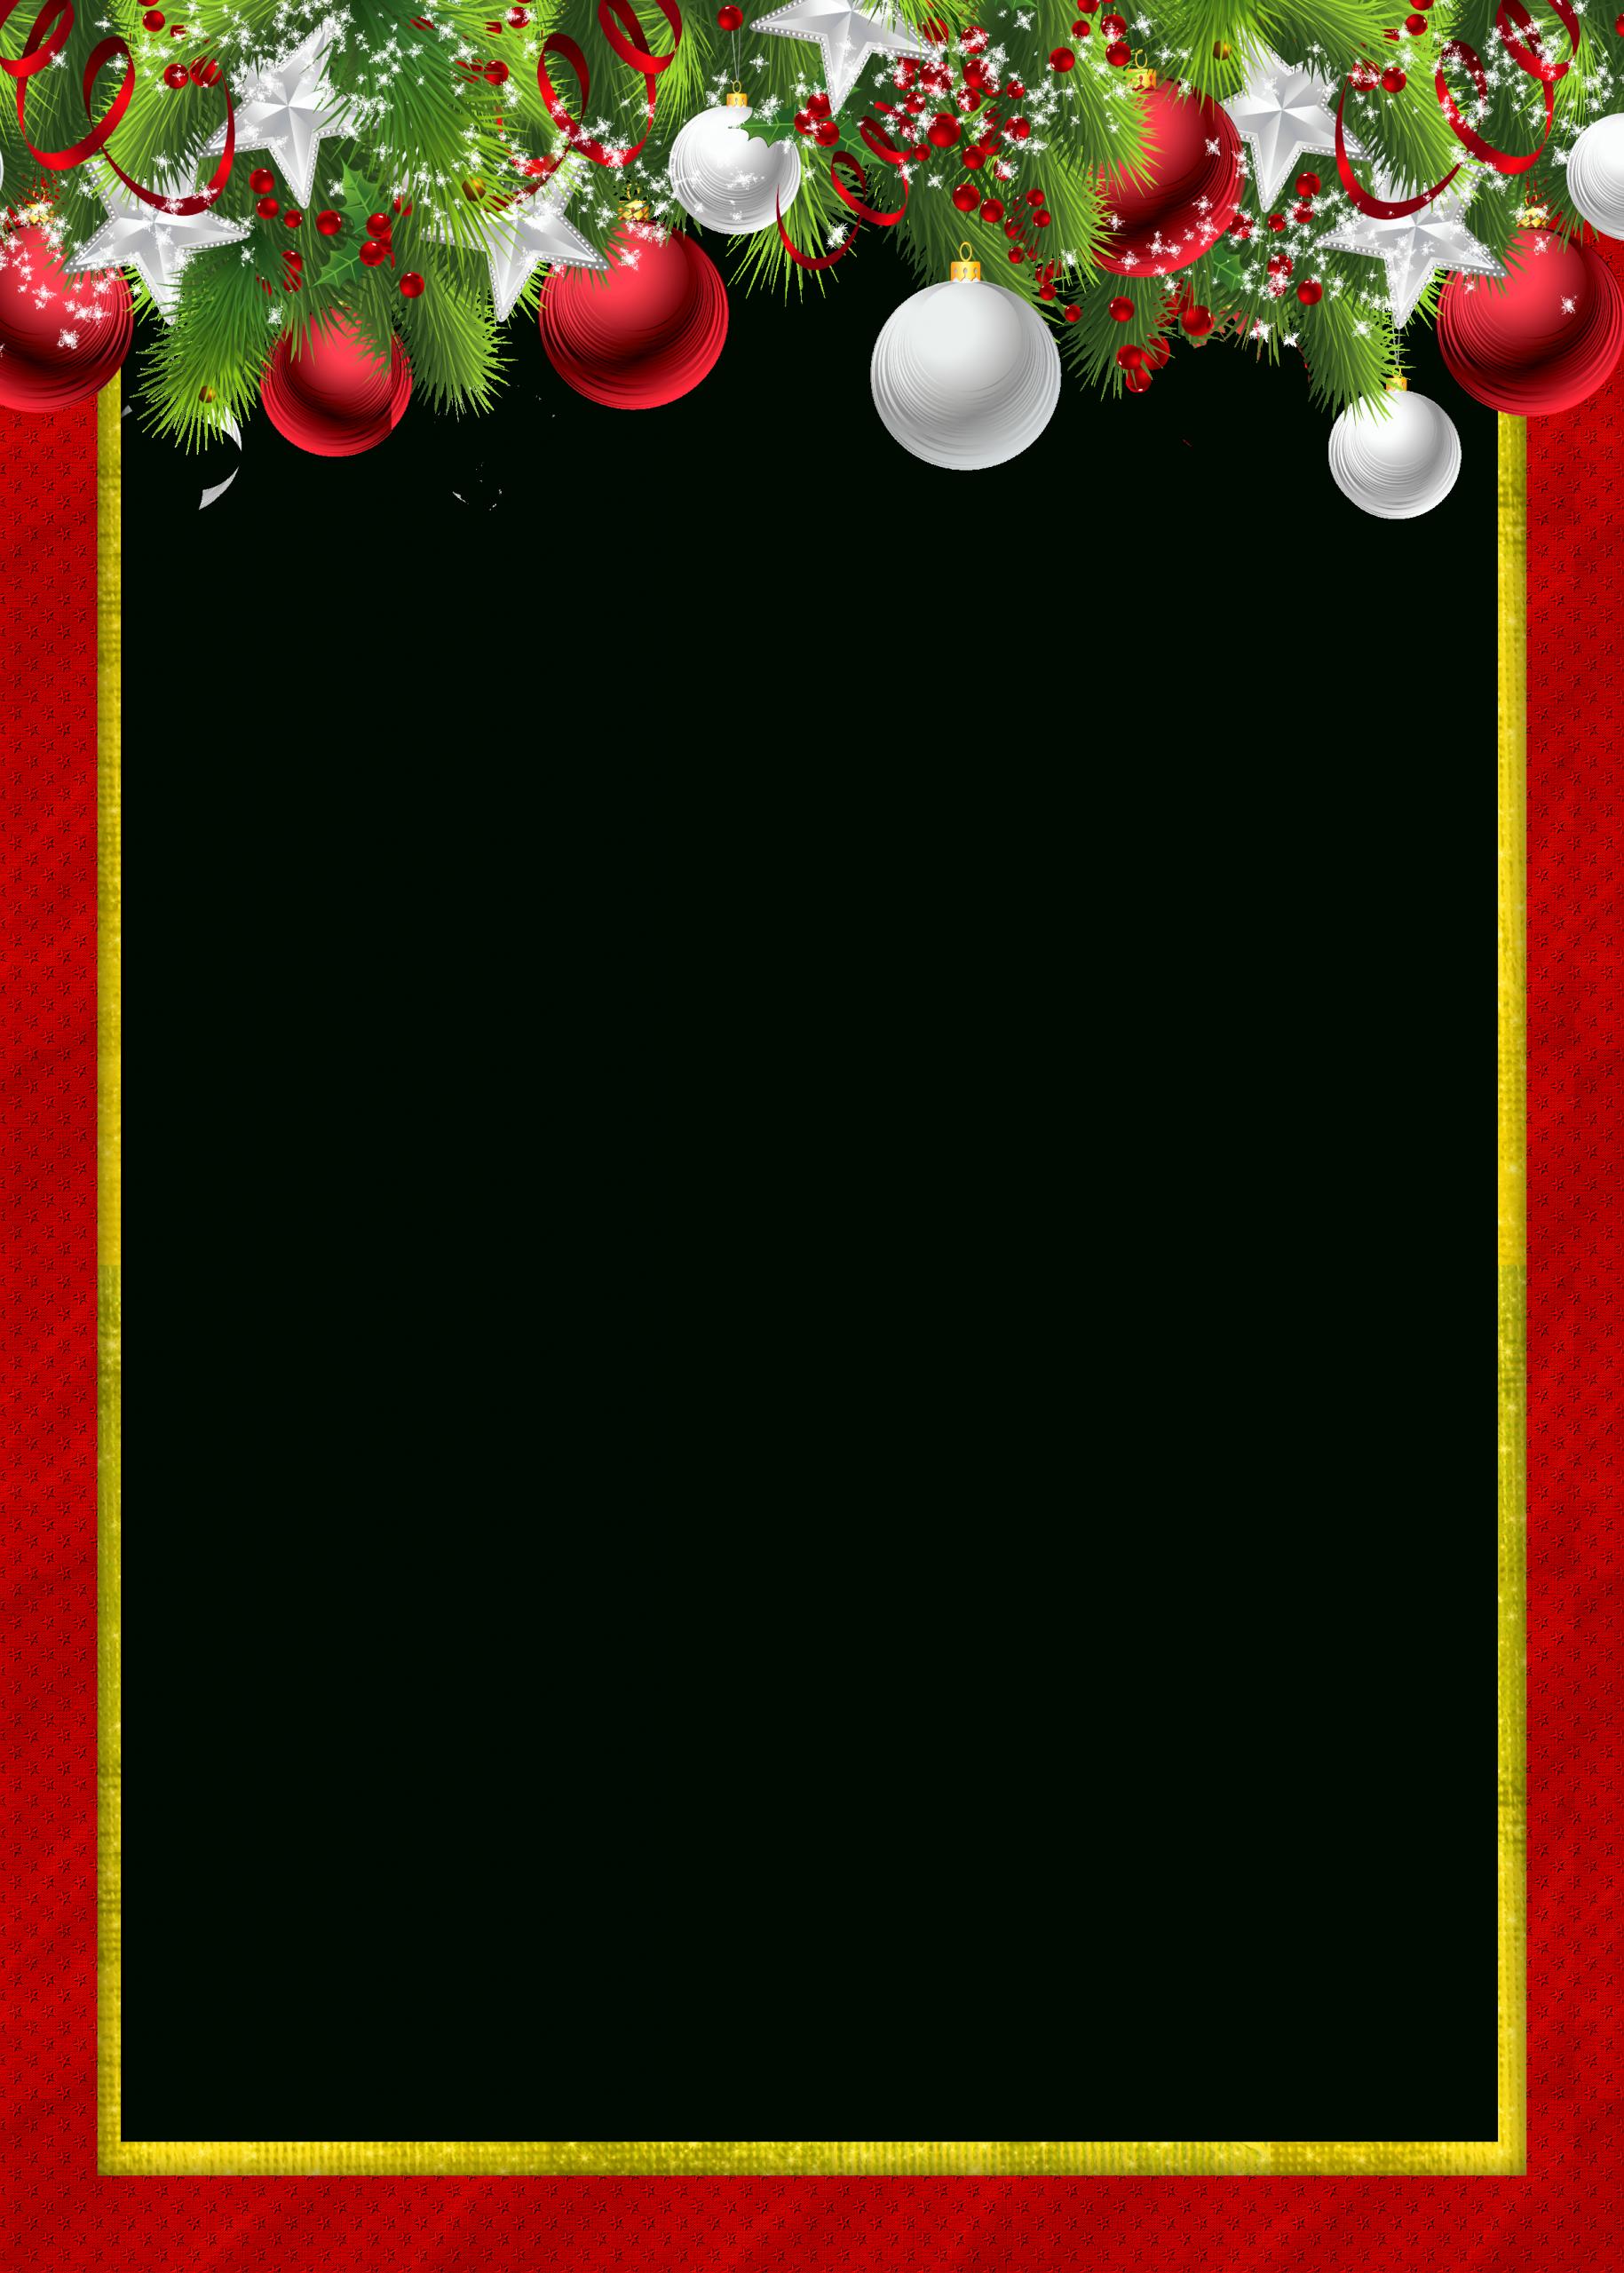 Red Transparent Png Christmas Photo Frame With Christmas dedans Papier Lettre De Noel